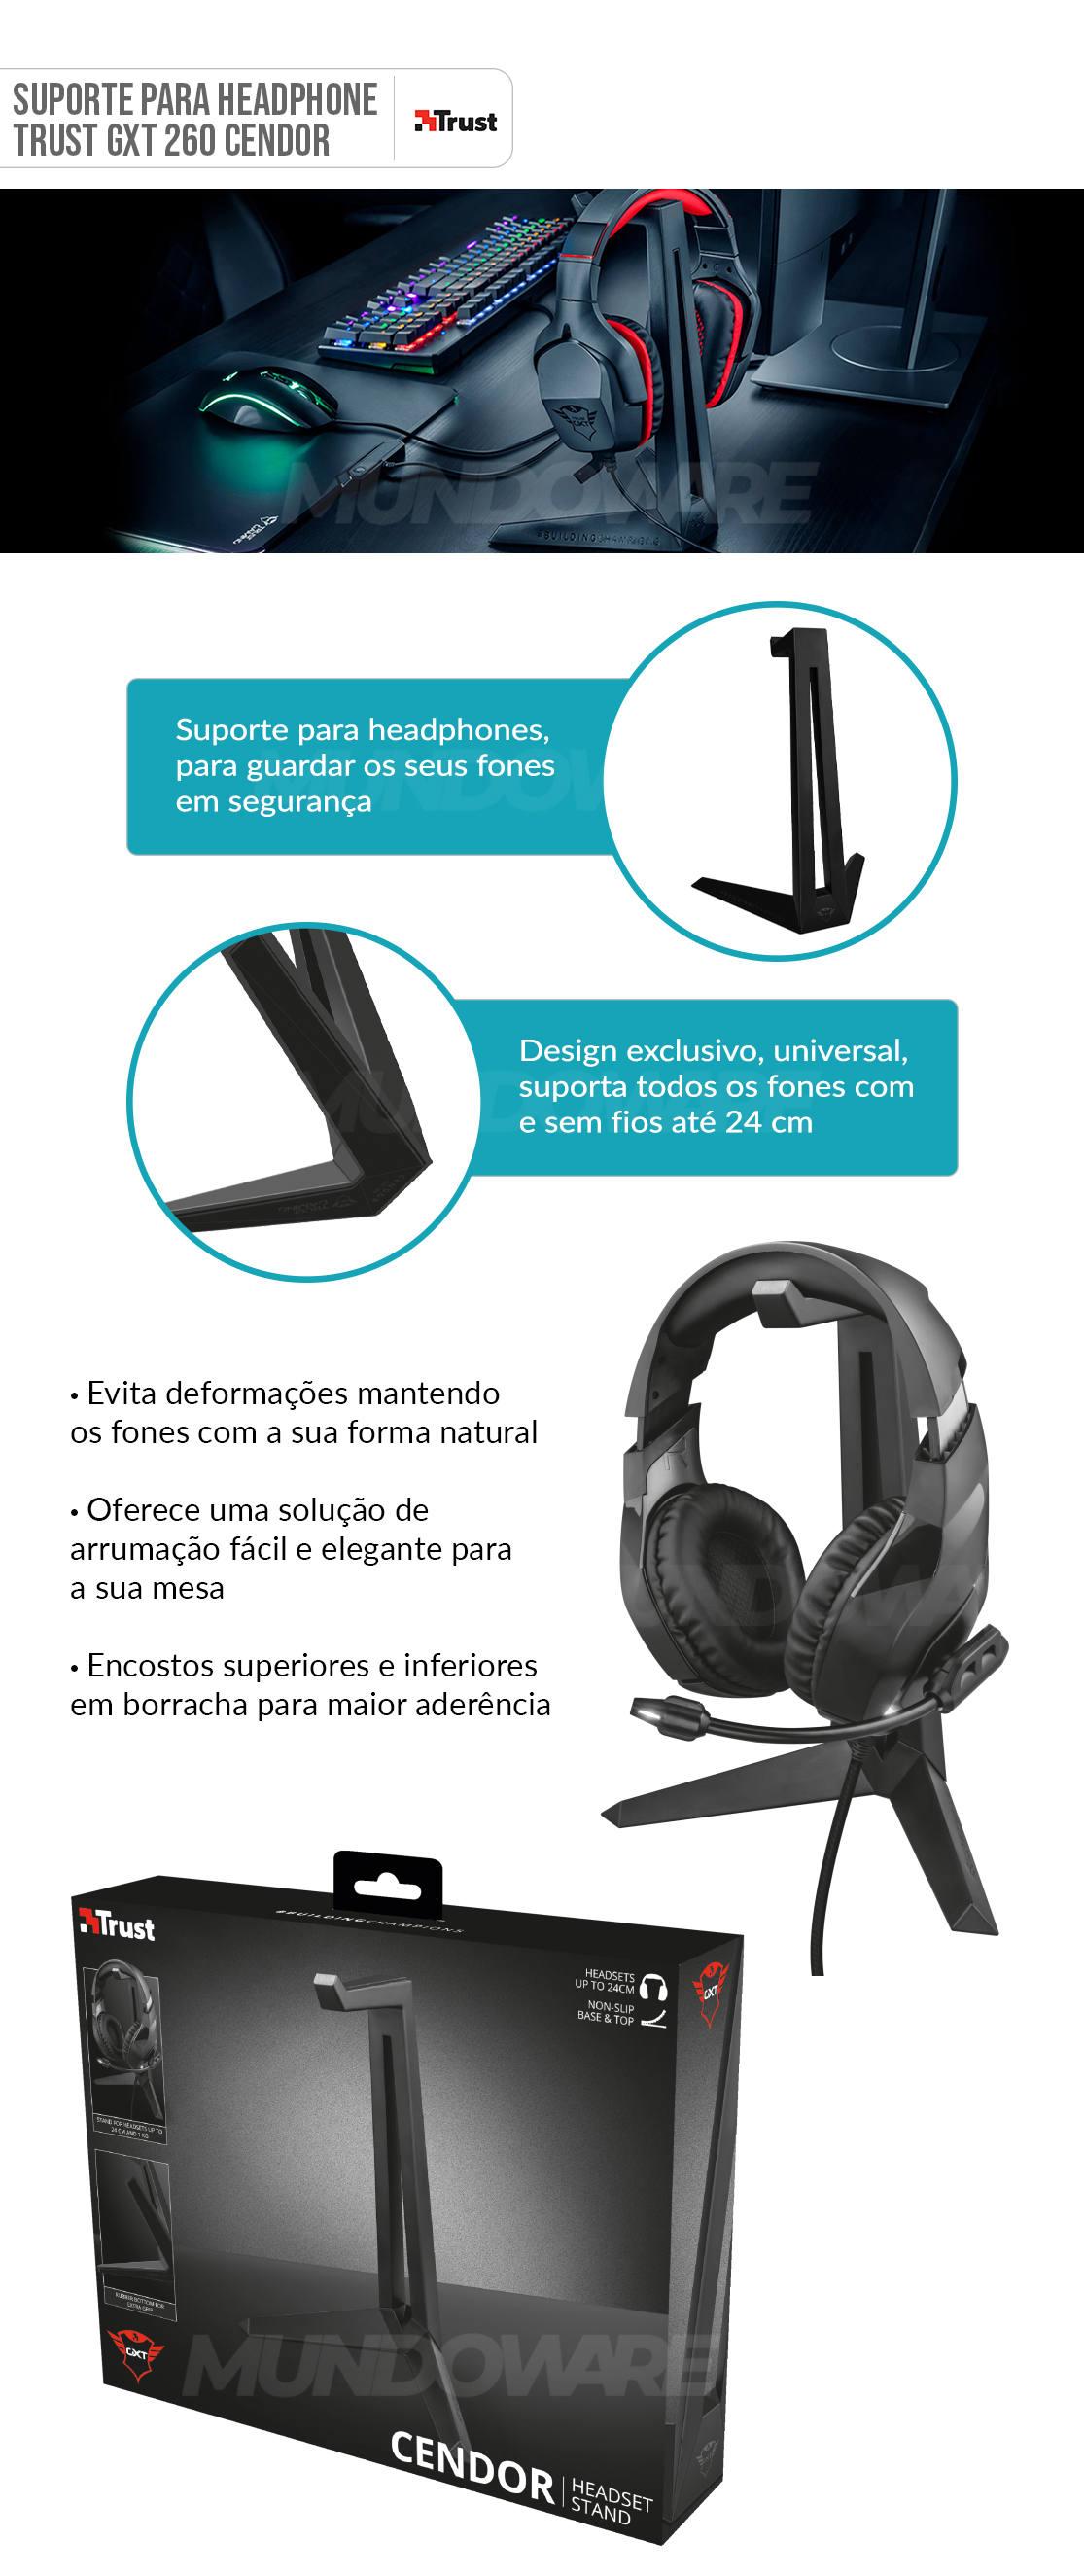 Suporte para Fone de Ouvido de até 24cm Design Exclusivo Evitando Deformações Trust Cendor GXT 260